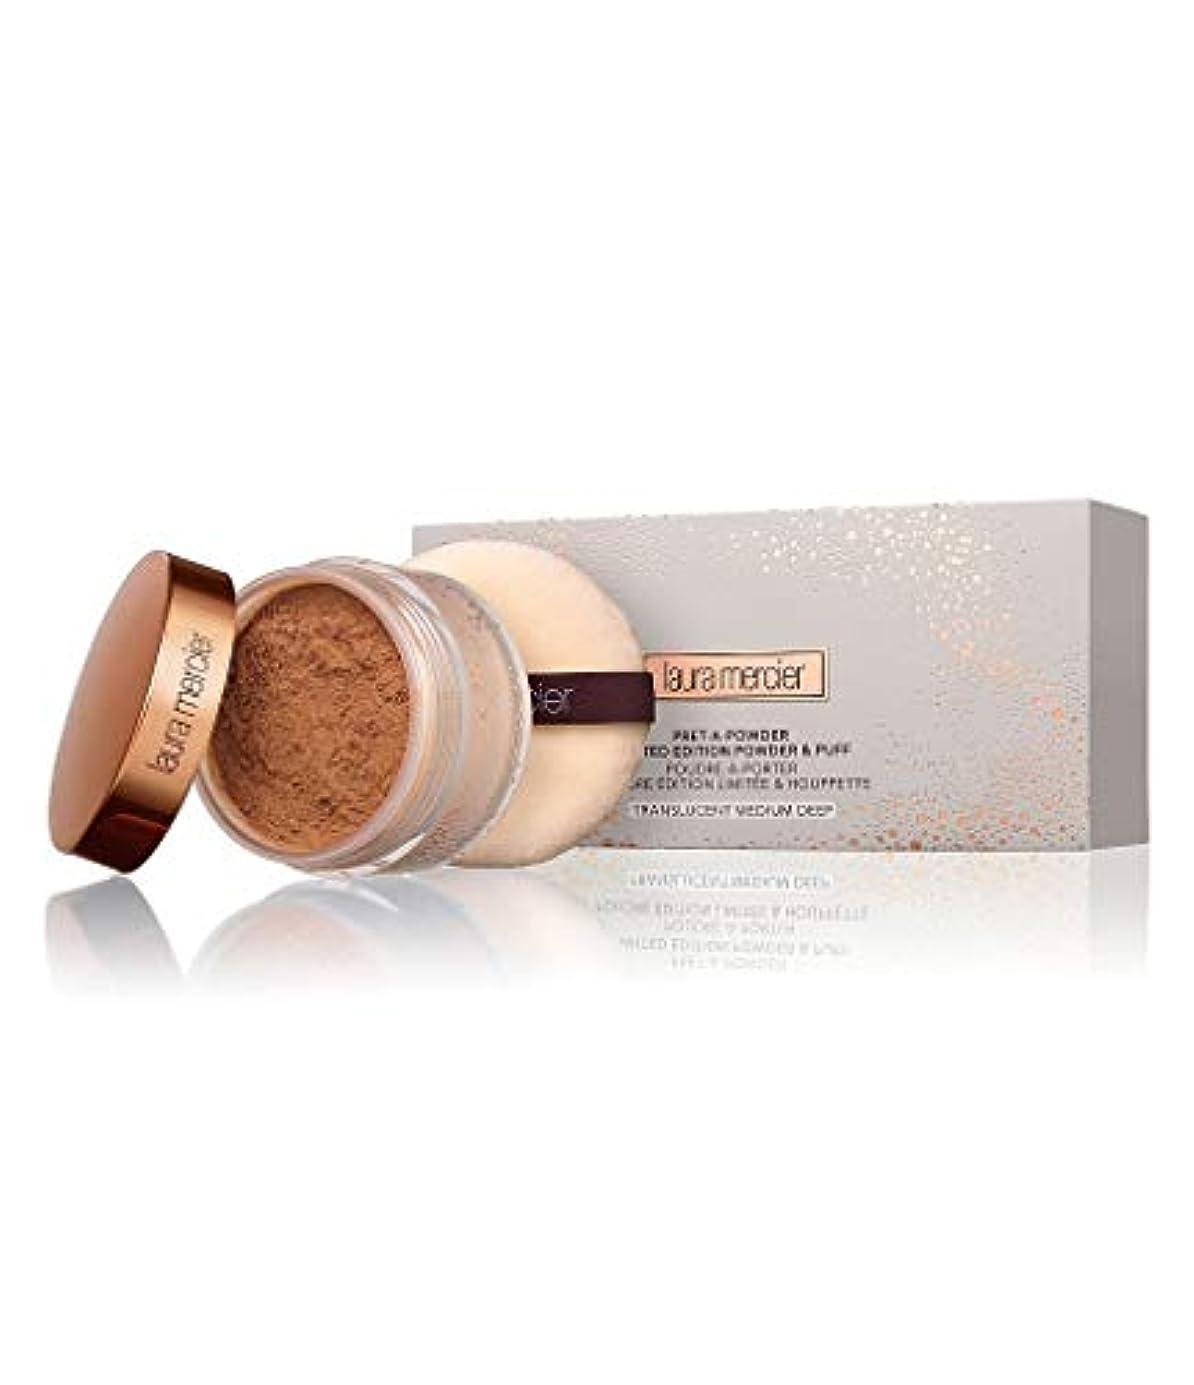 ペフリハーサルやむを得ないローラ メルシエ Pret A Powder Limited Edition Powder & Puff - # Translucent Medium Deep 29g/1oz並行輸入品